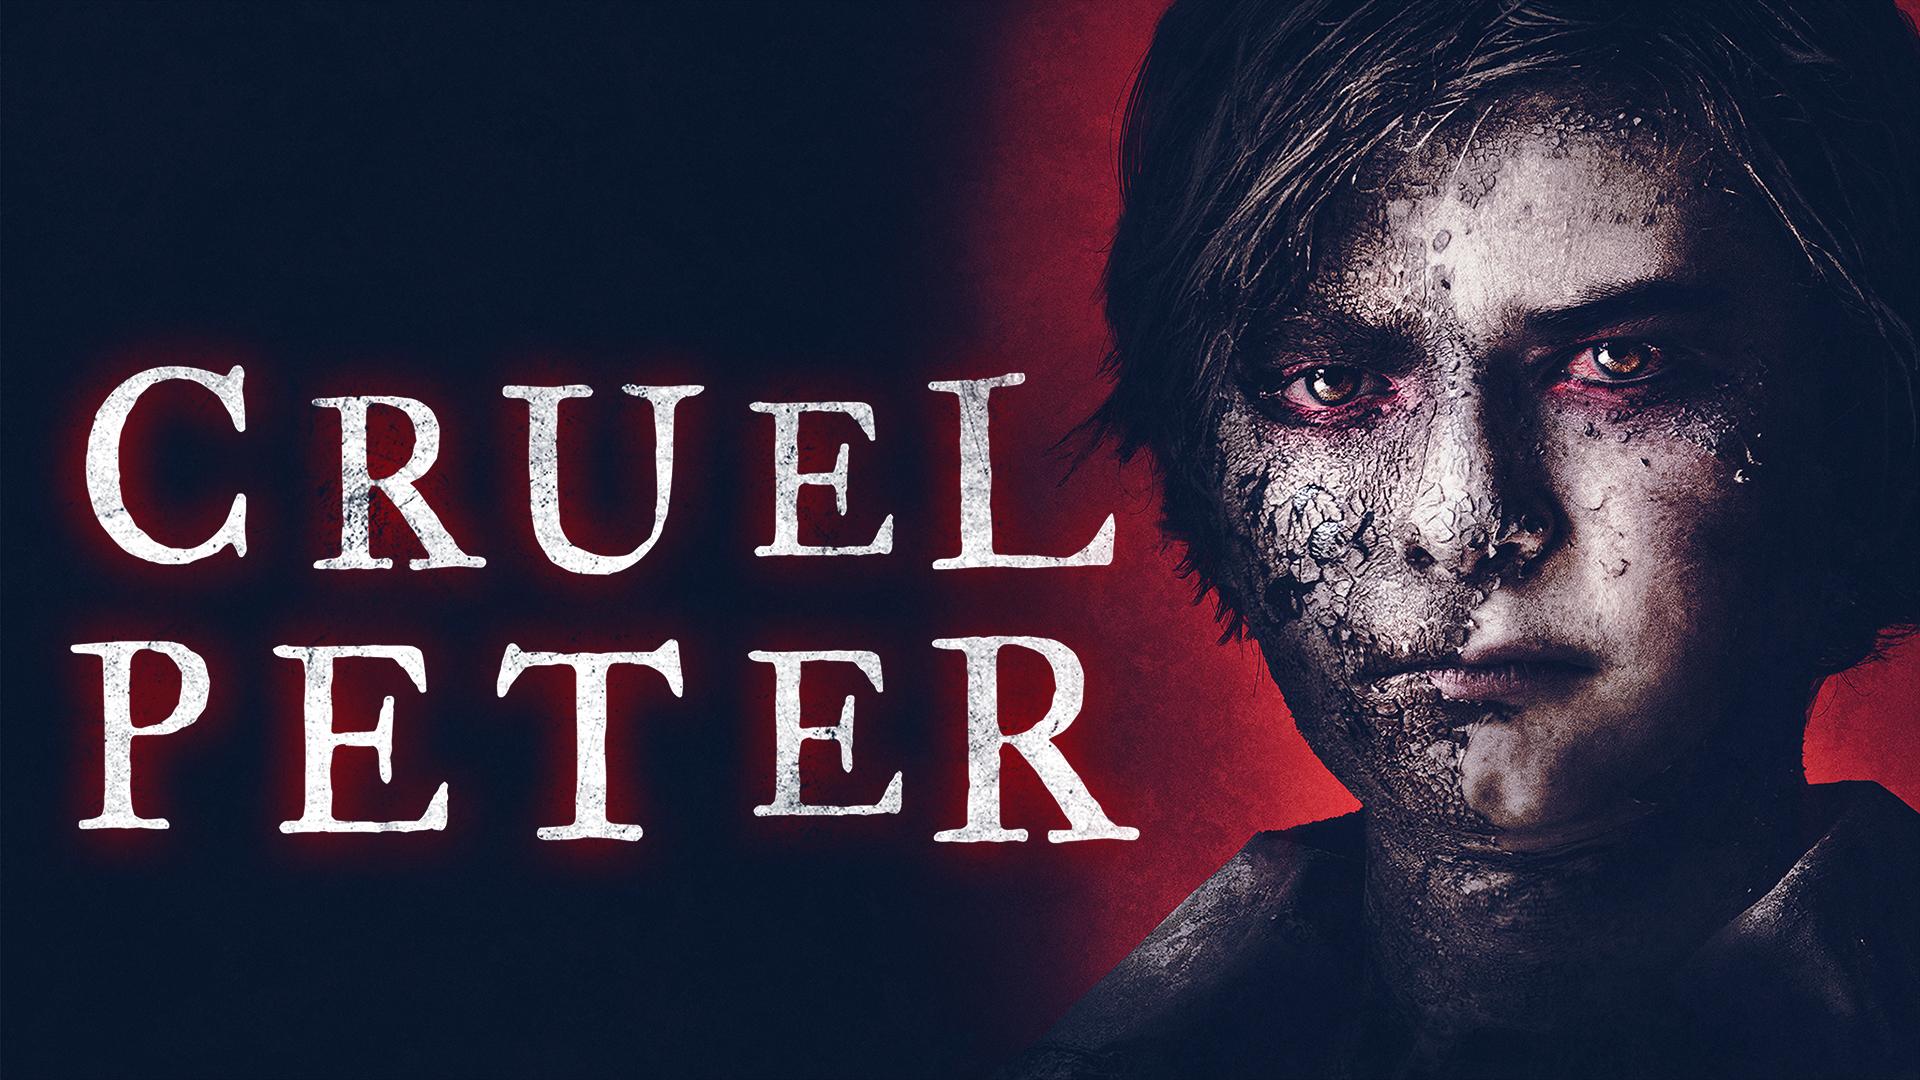 Cruel Peter